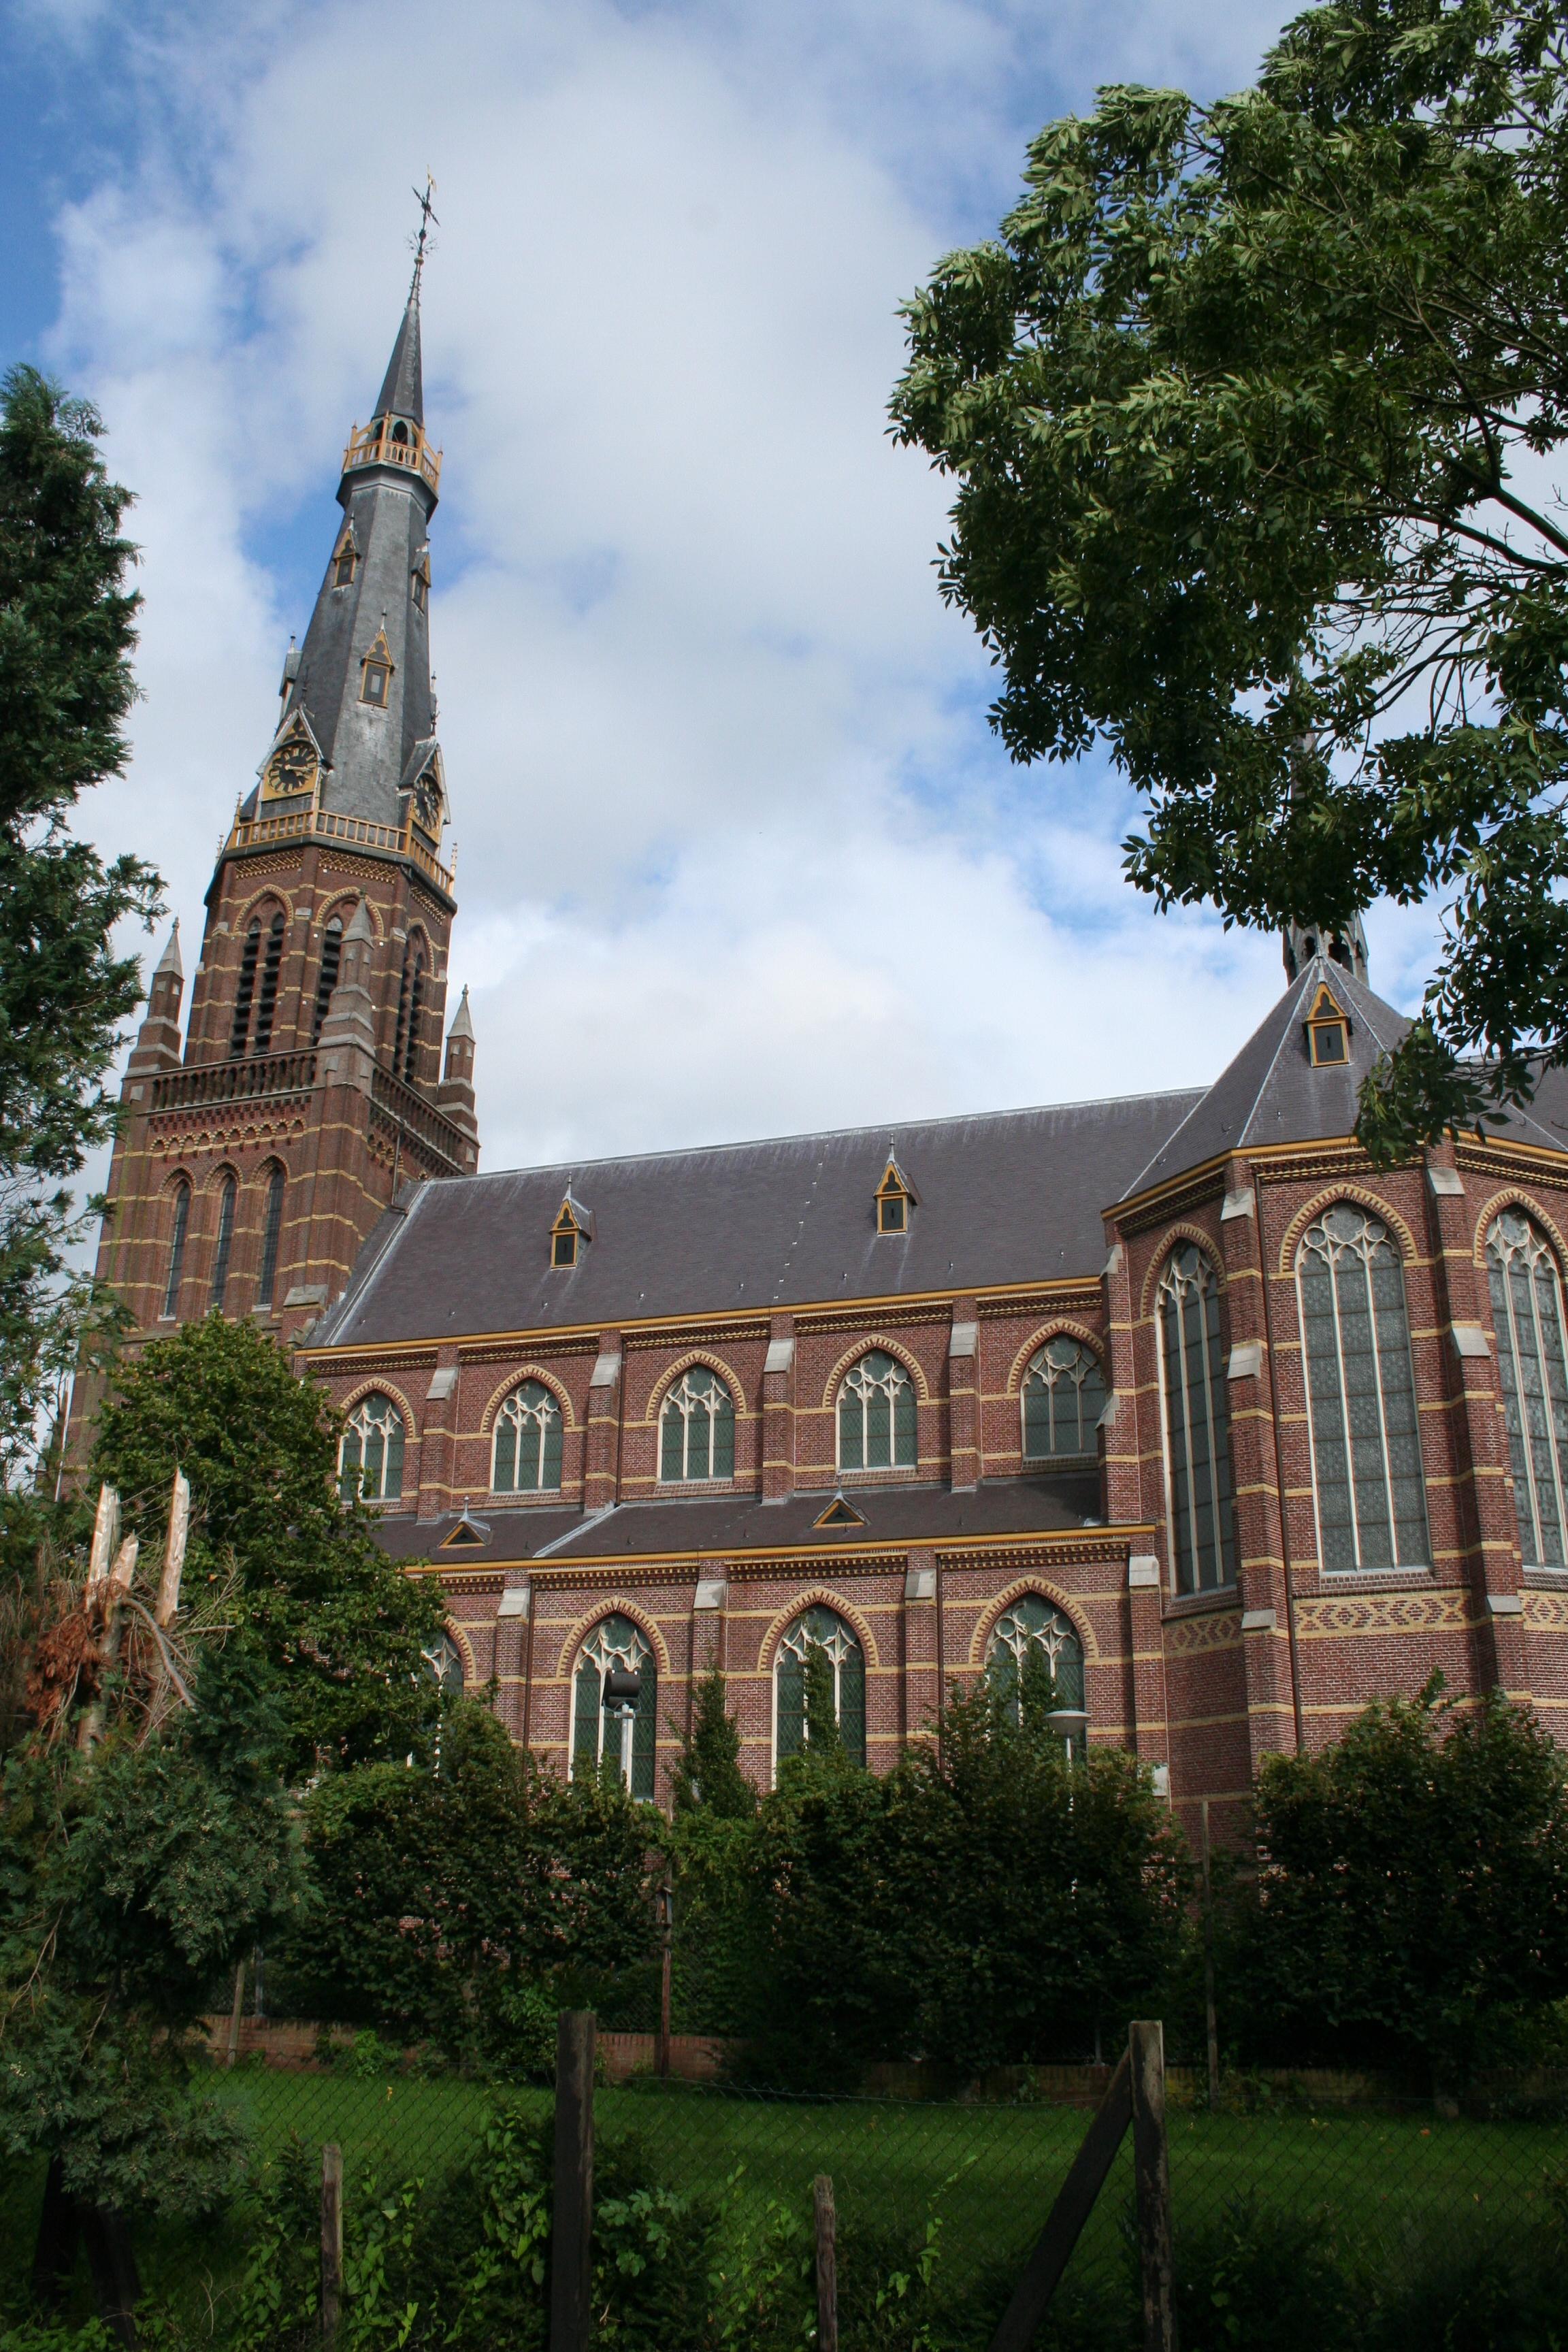 priveontvangst waalwijk thuisontvangst zuid holland